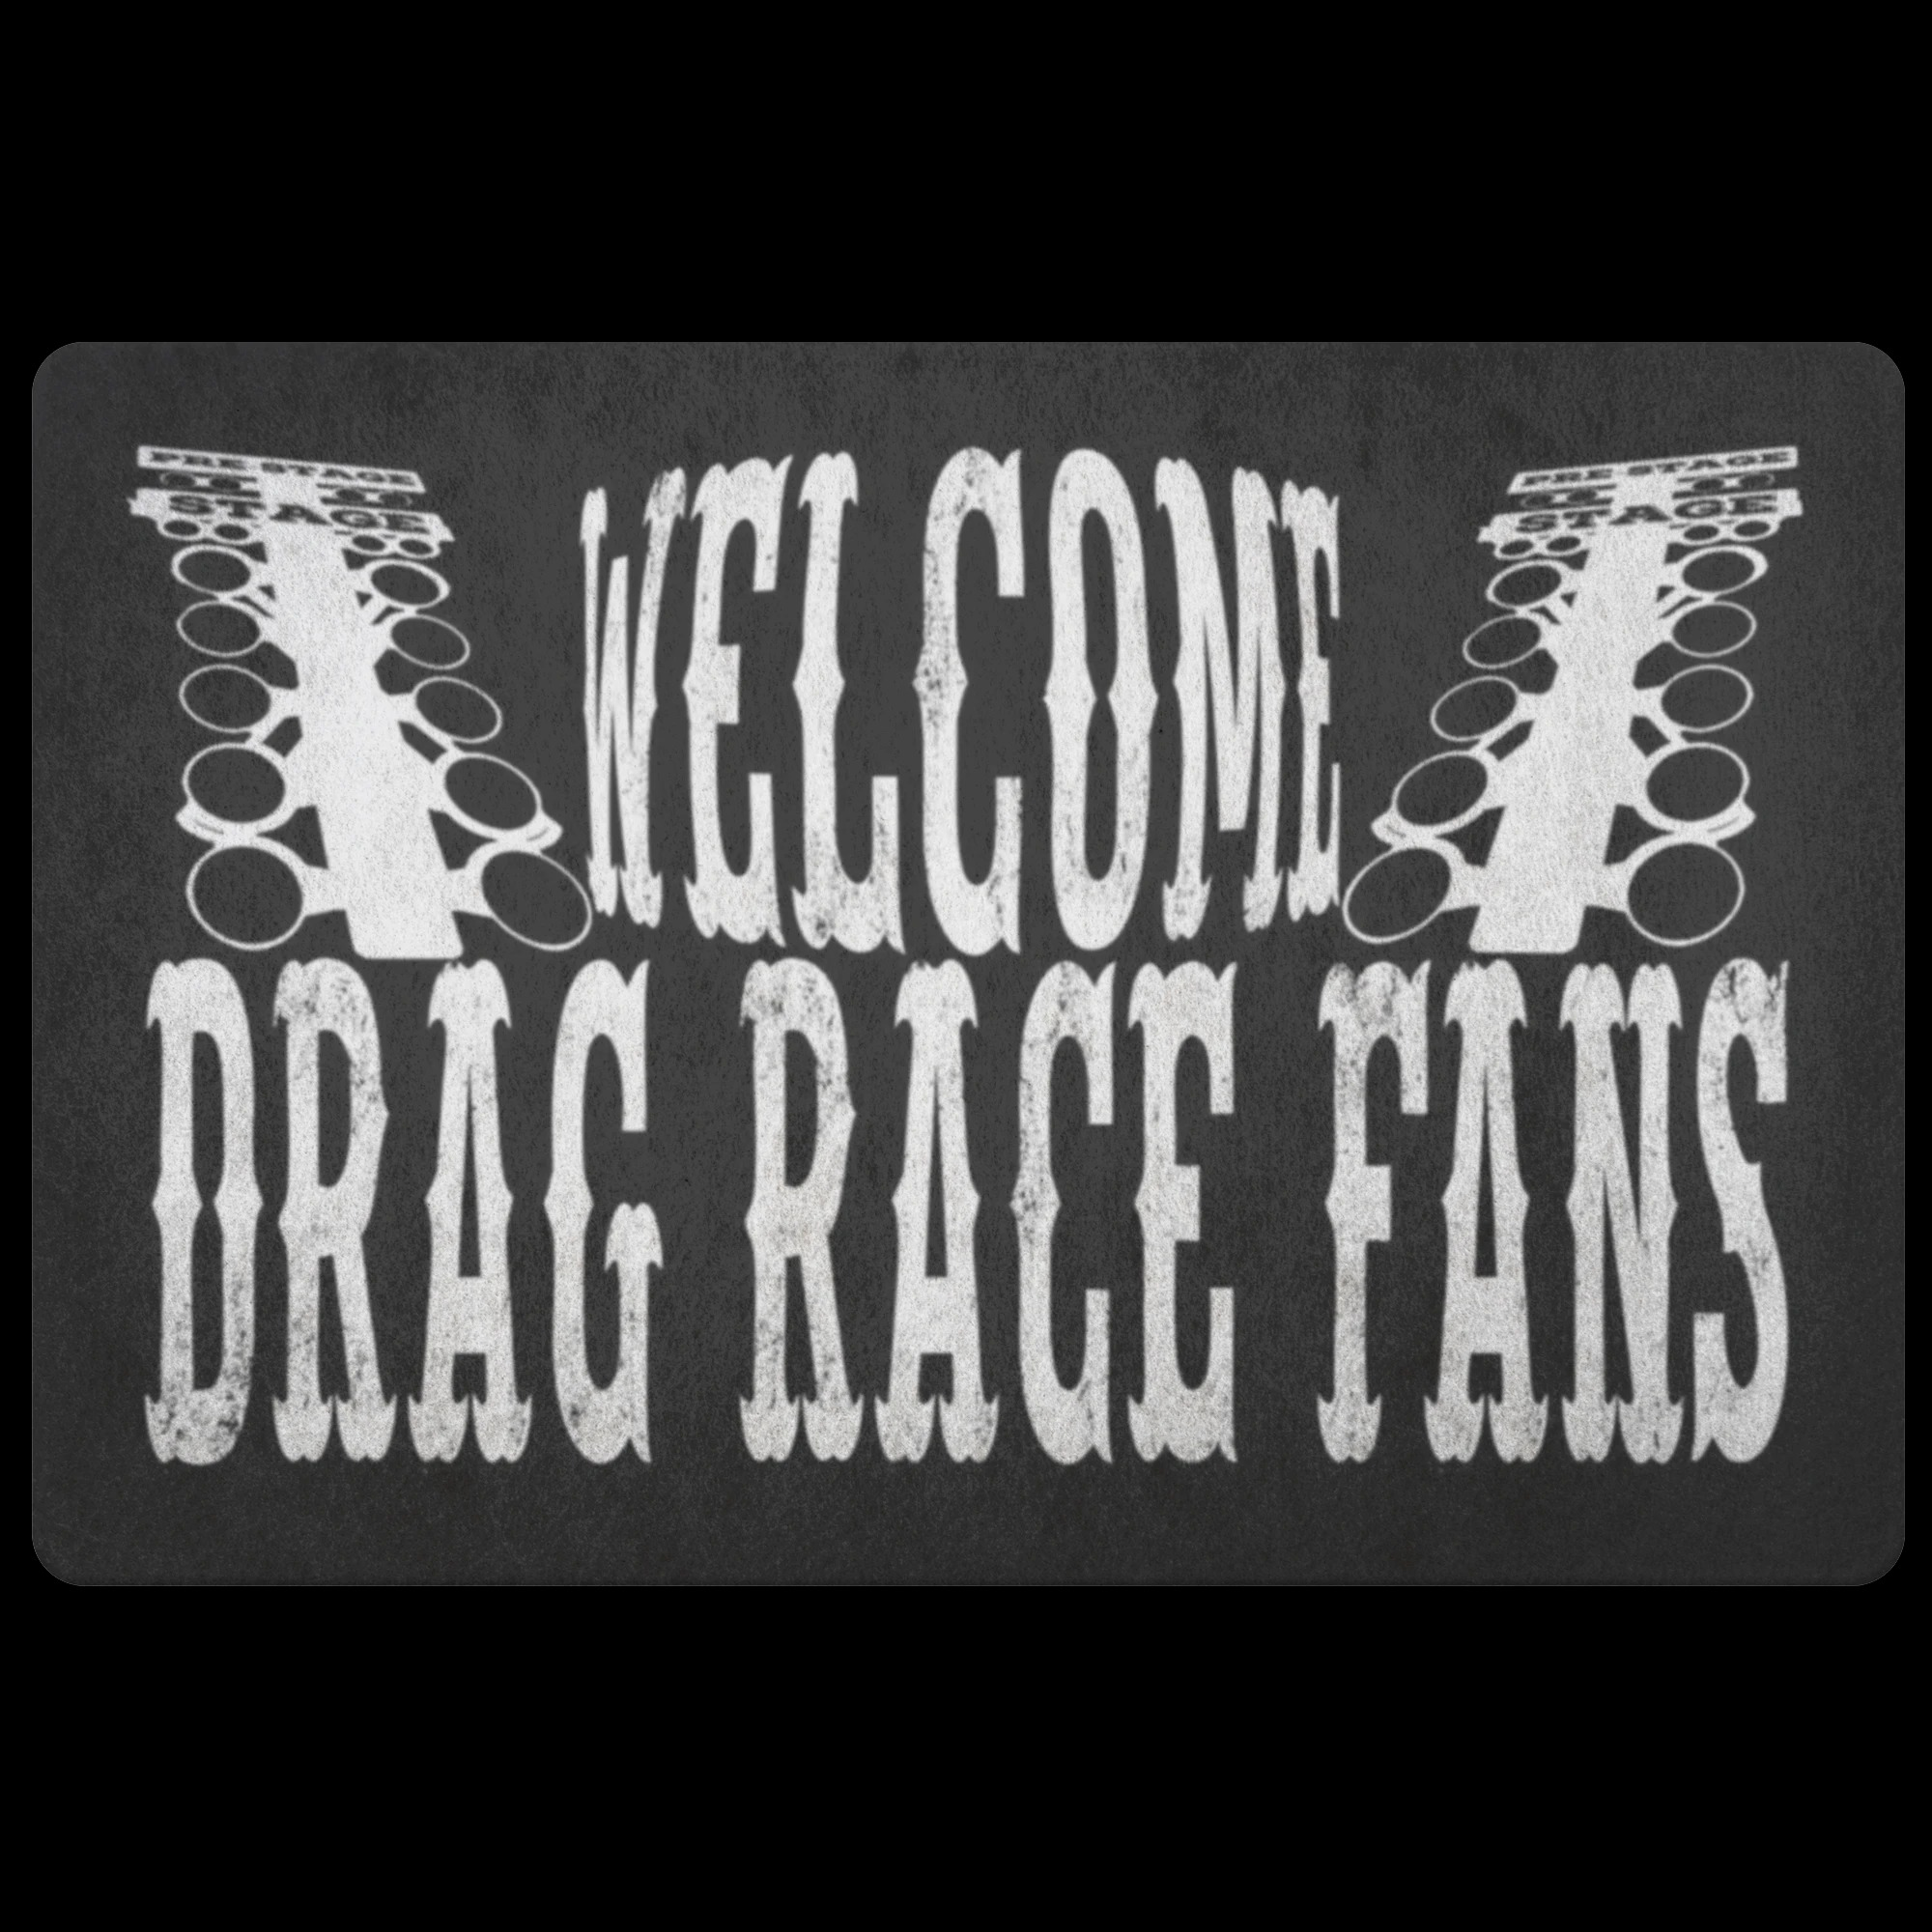 Welcom drag race fans doormat 1